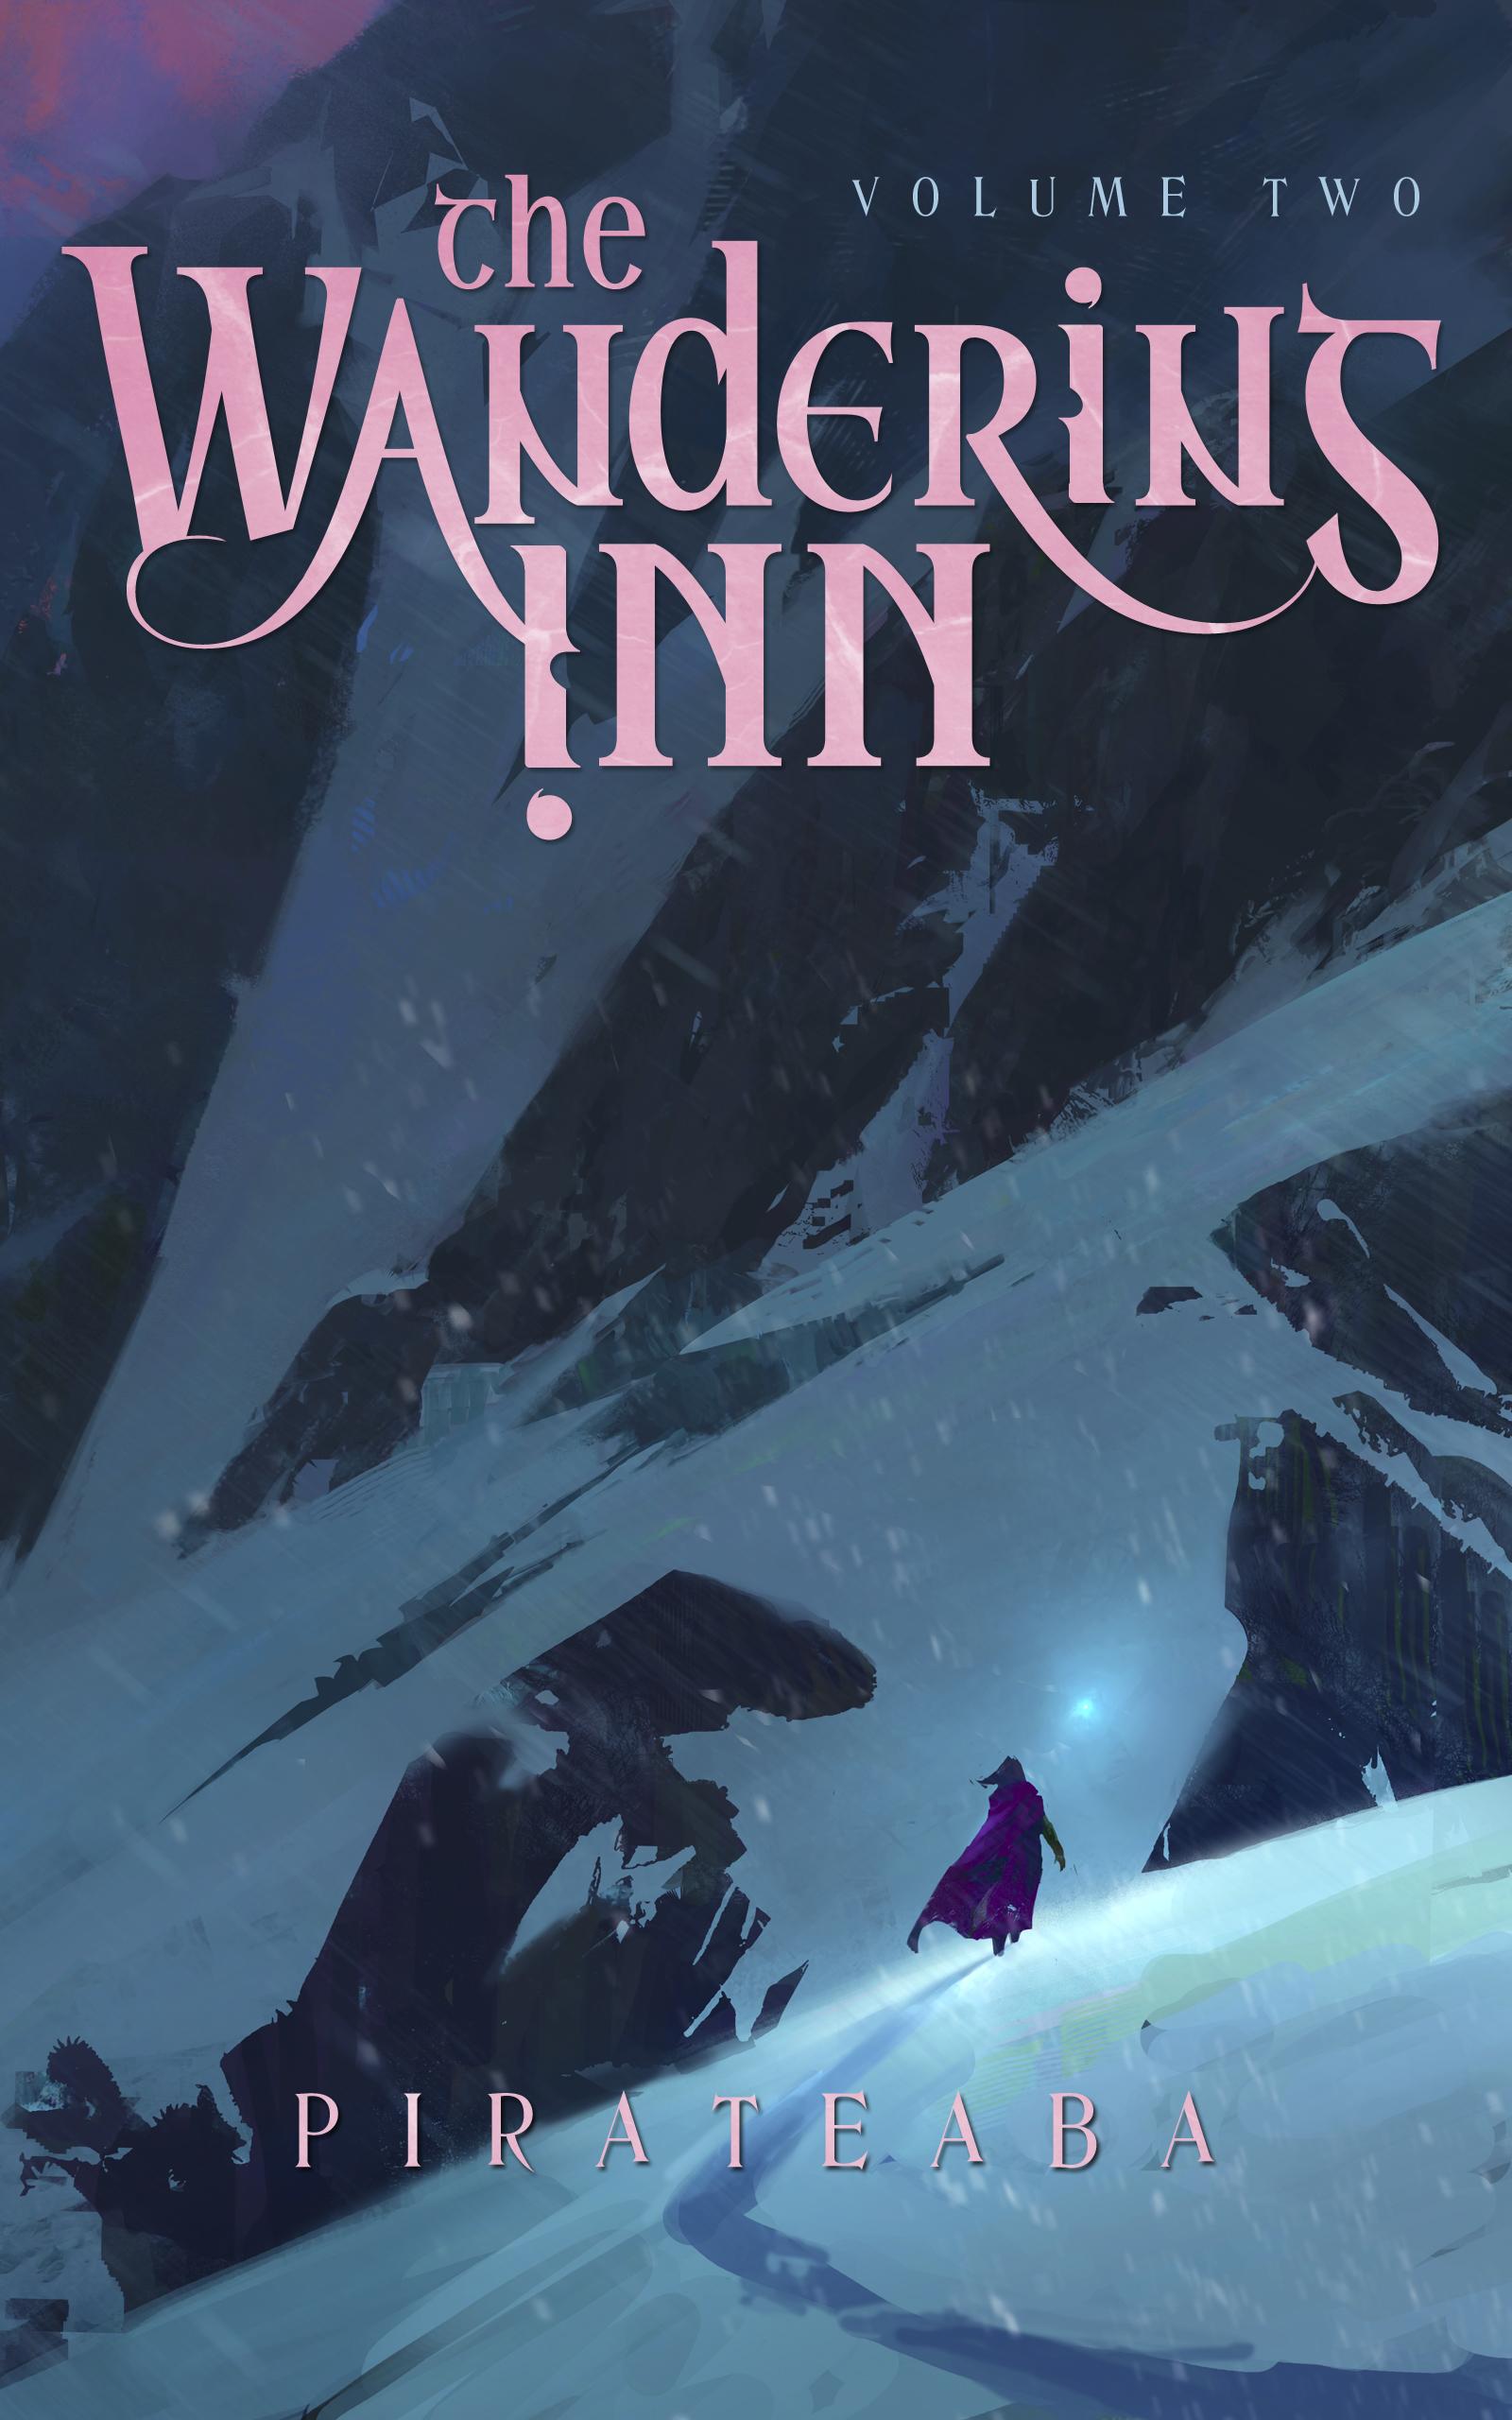 The Wandering Inn: Volume 2 (The Wandering Inn, #2)